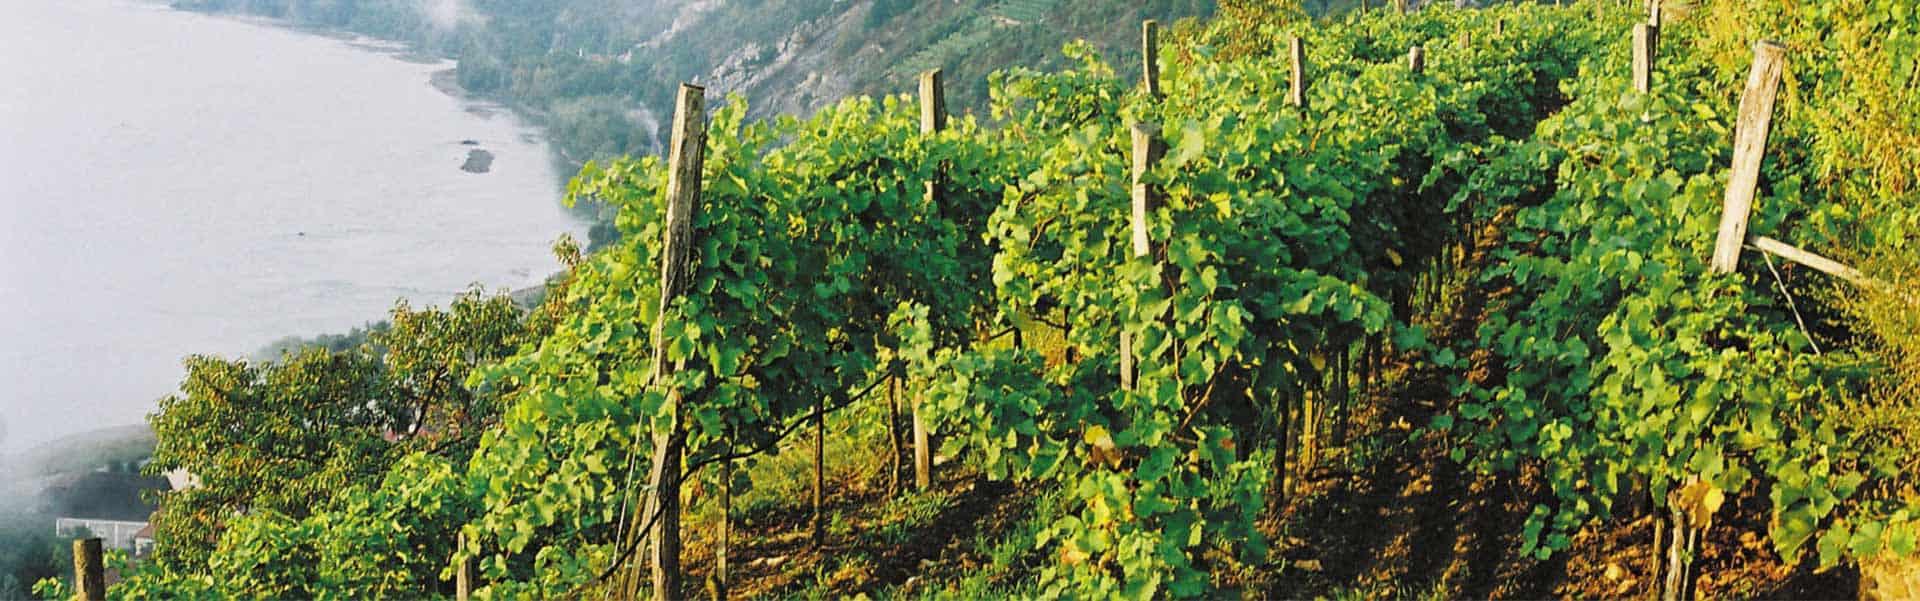 Weinkellerei Meraner Franz Hirtzberger